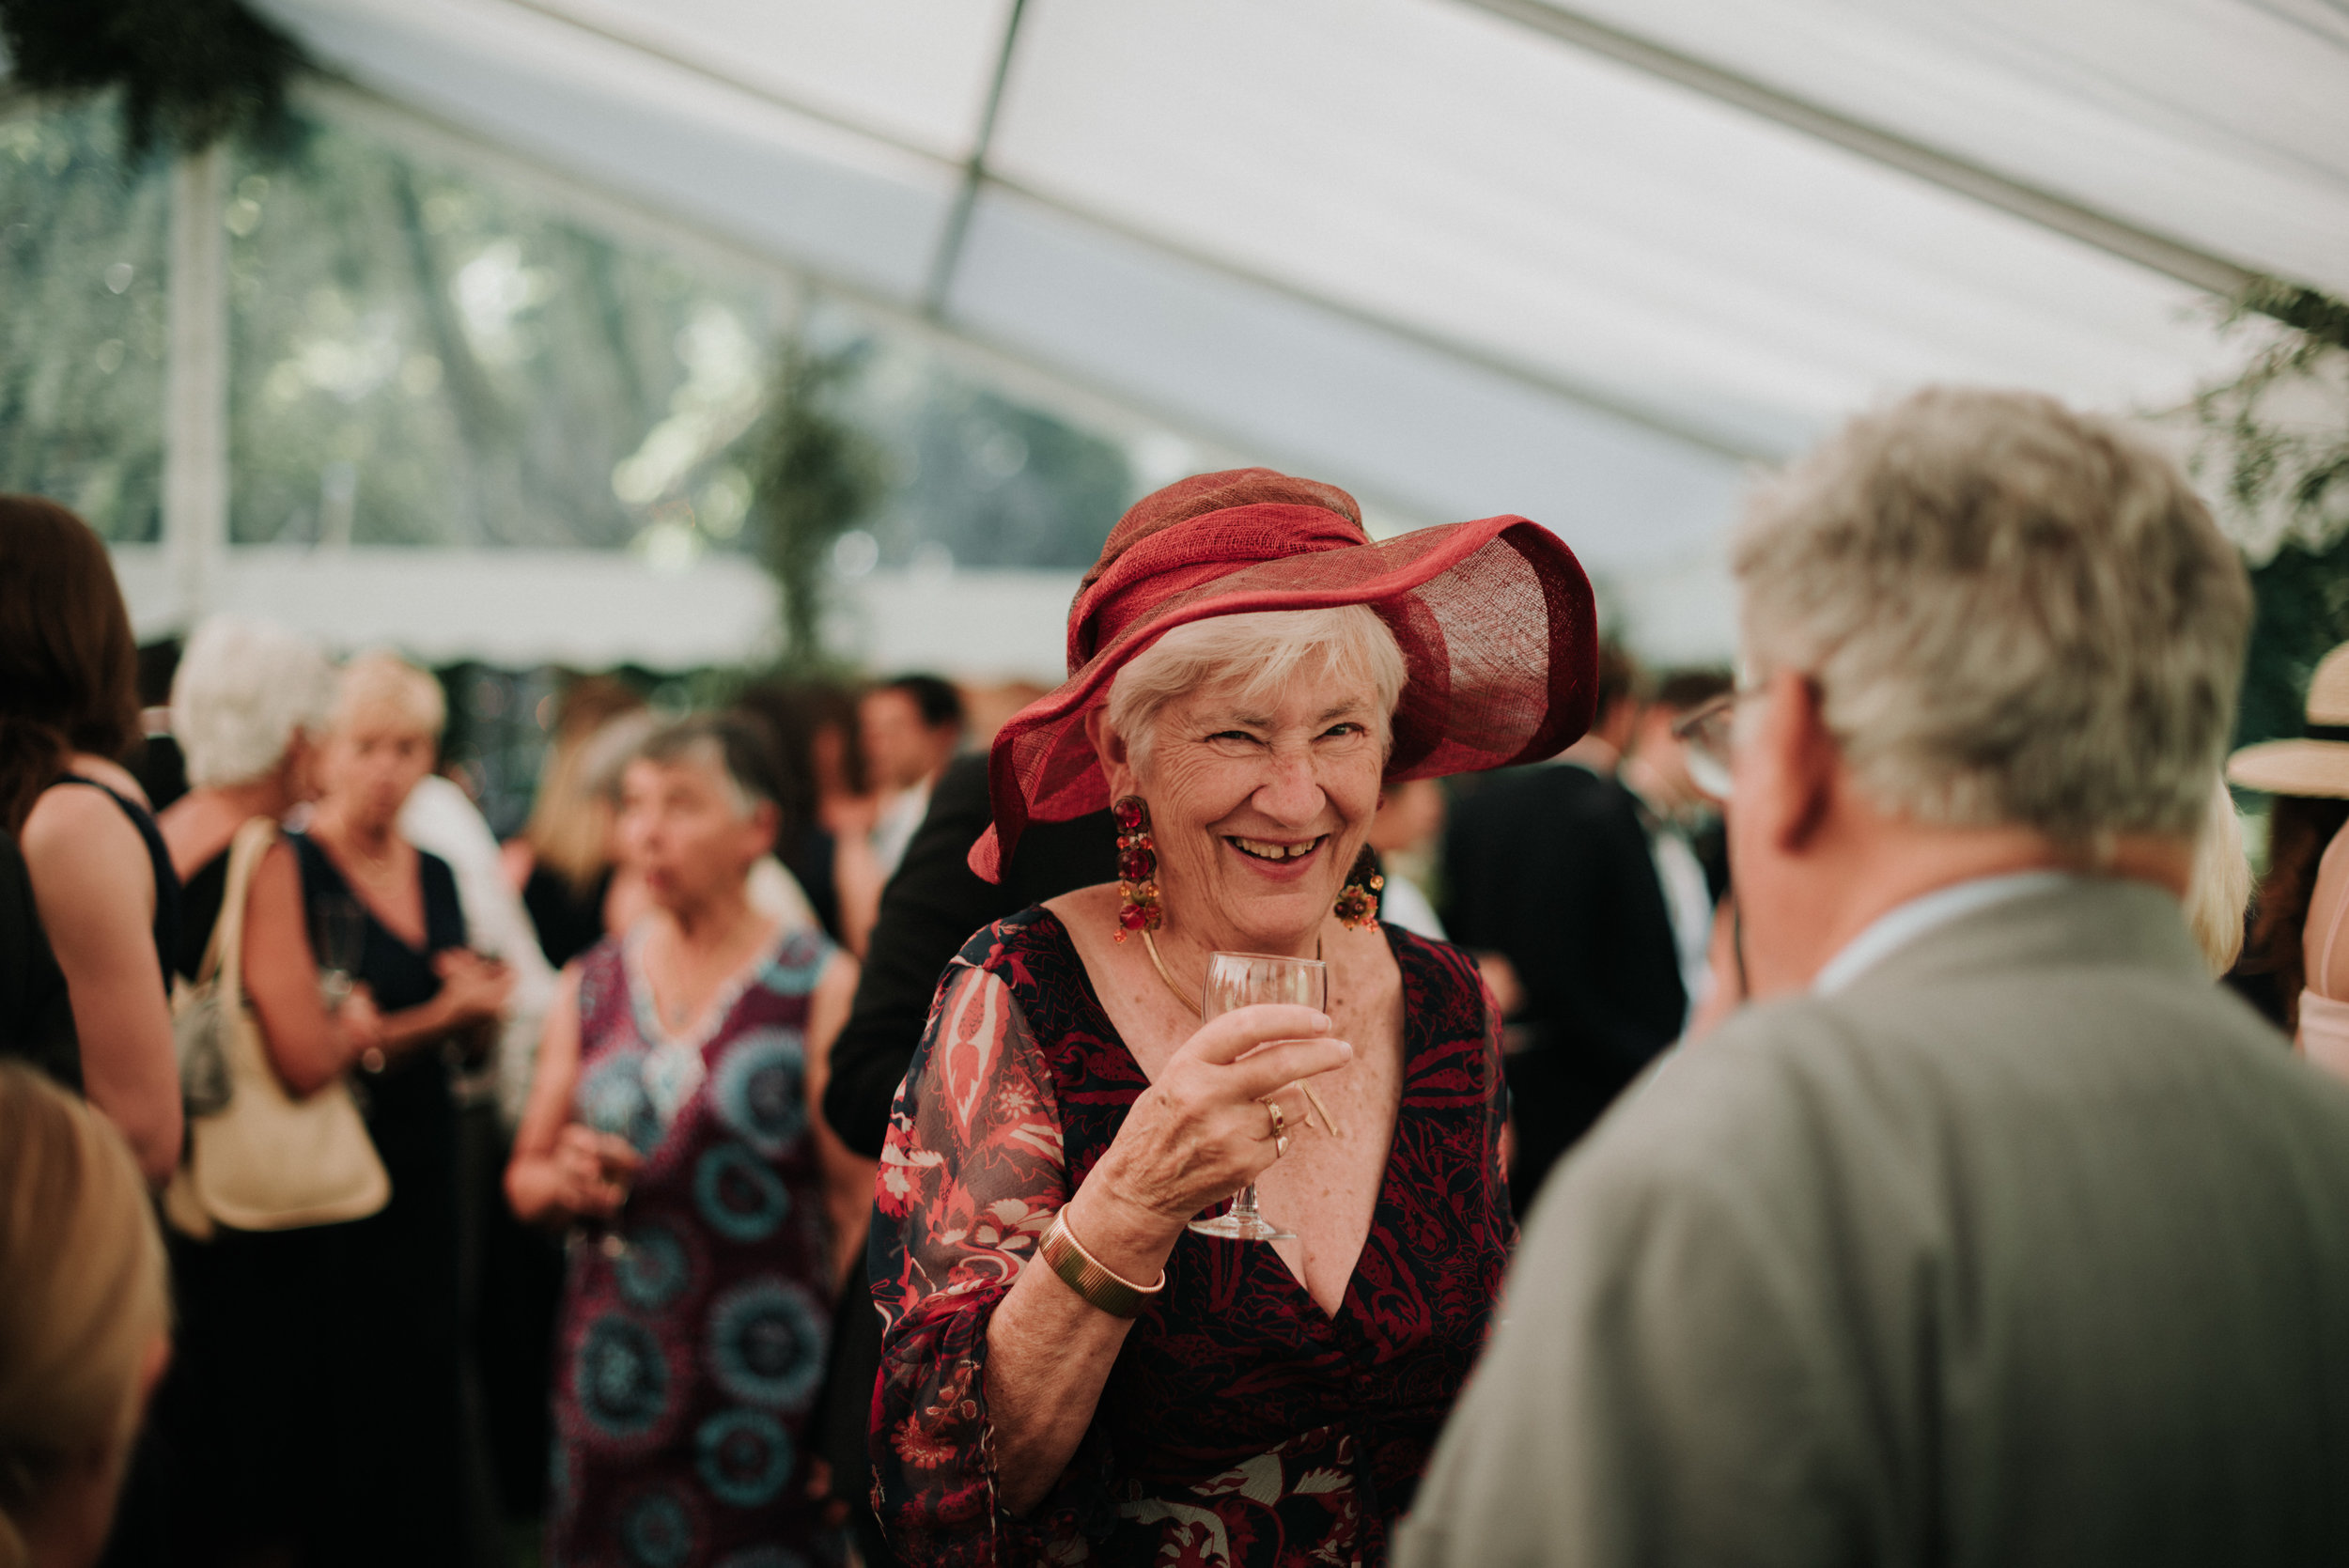 Léa-Fery-photographe-professionnel-lyon-rhone-alpes-portrait-creation-mariage-evenement-evenementiel-famille-1060.jpg